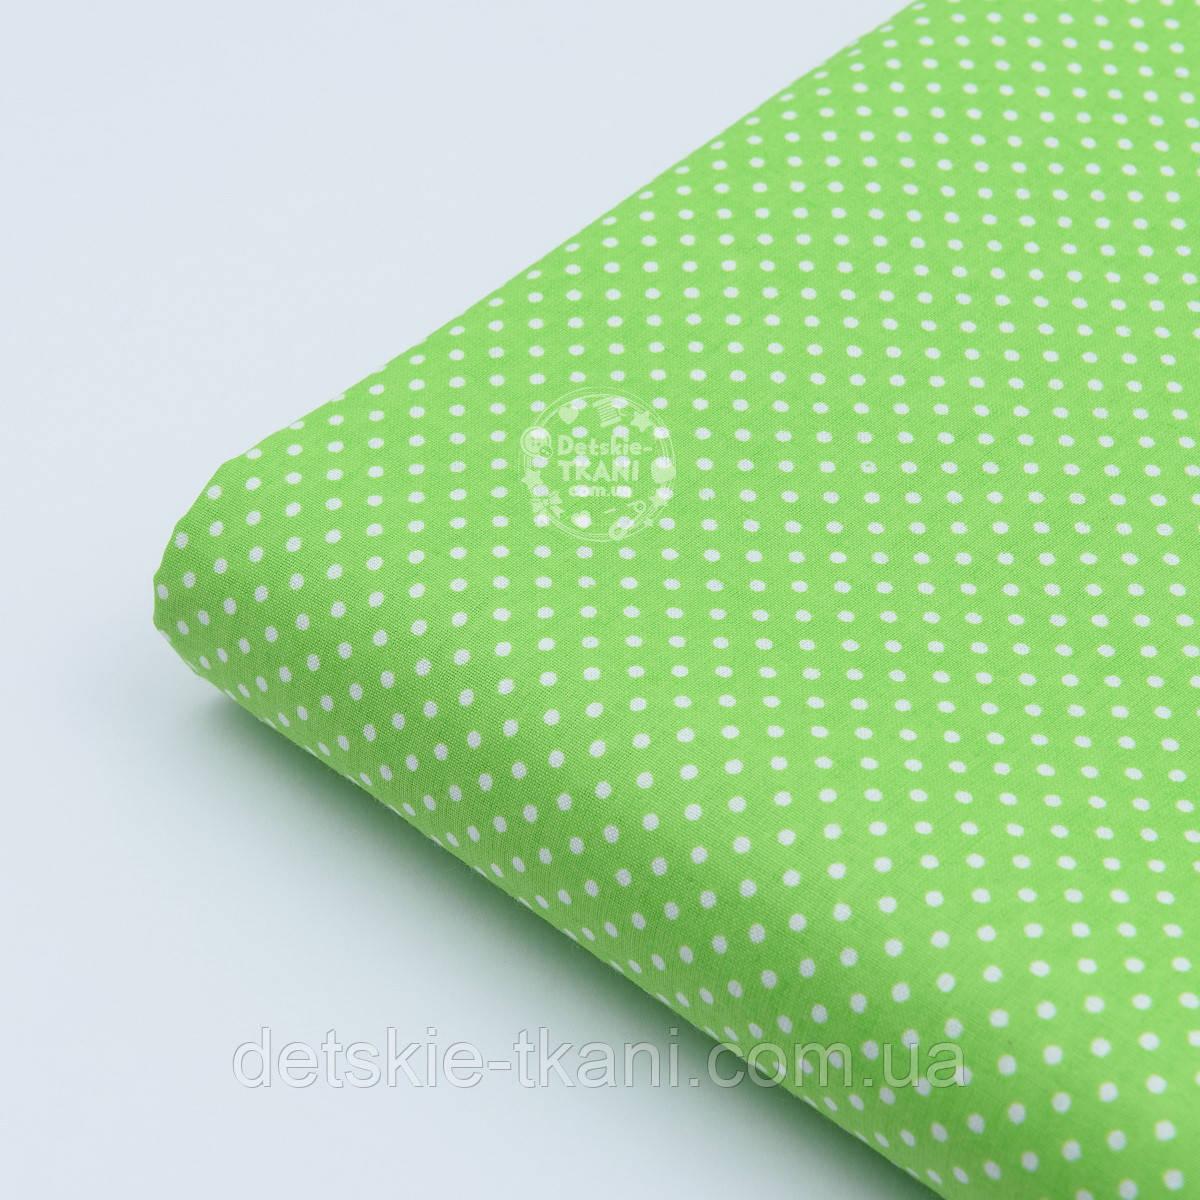 """Лоскут ткани """"Густой горошек 2 мм"""" на салатовом фоне, №1853а"""